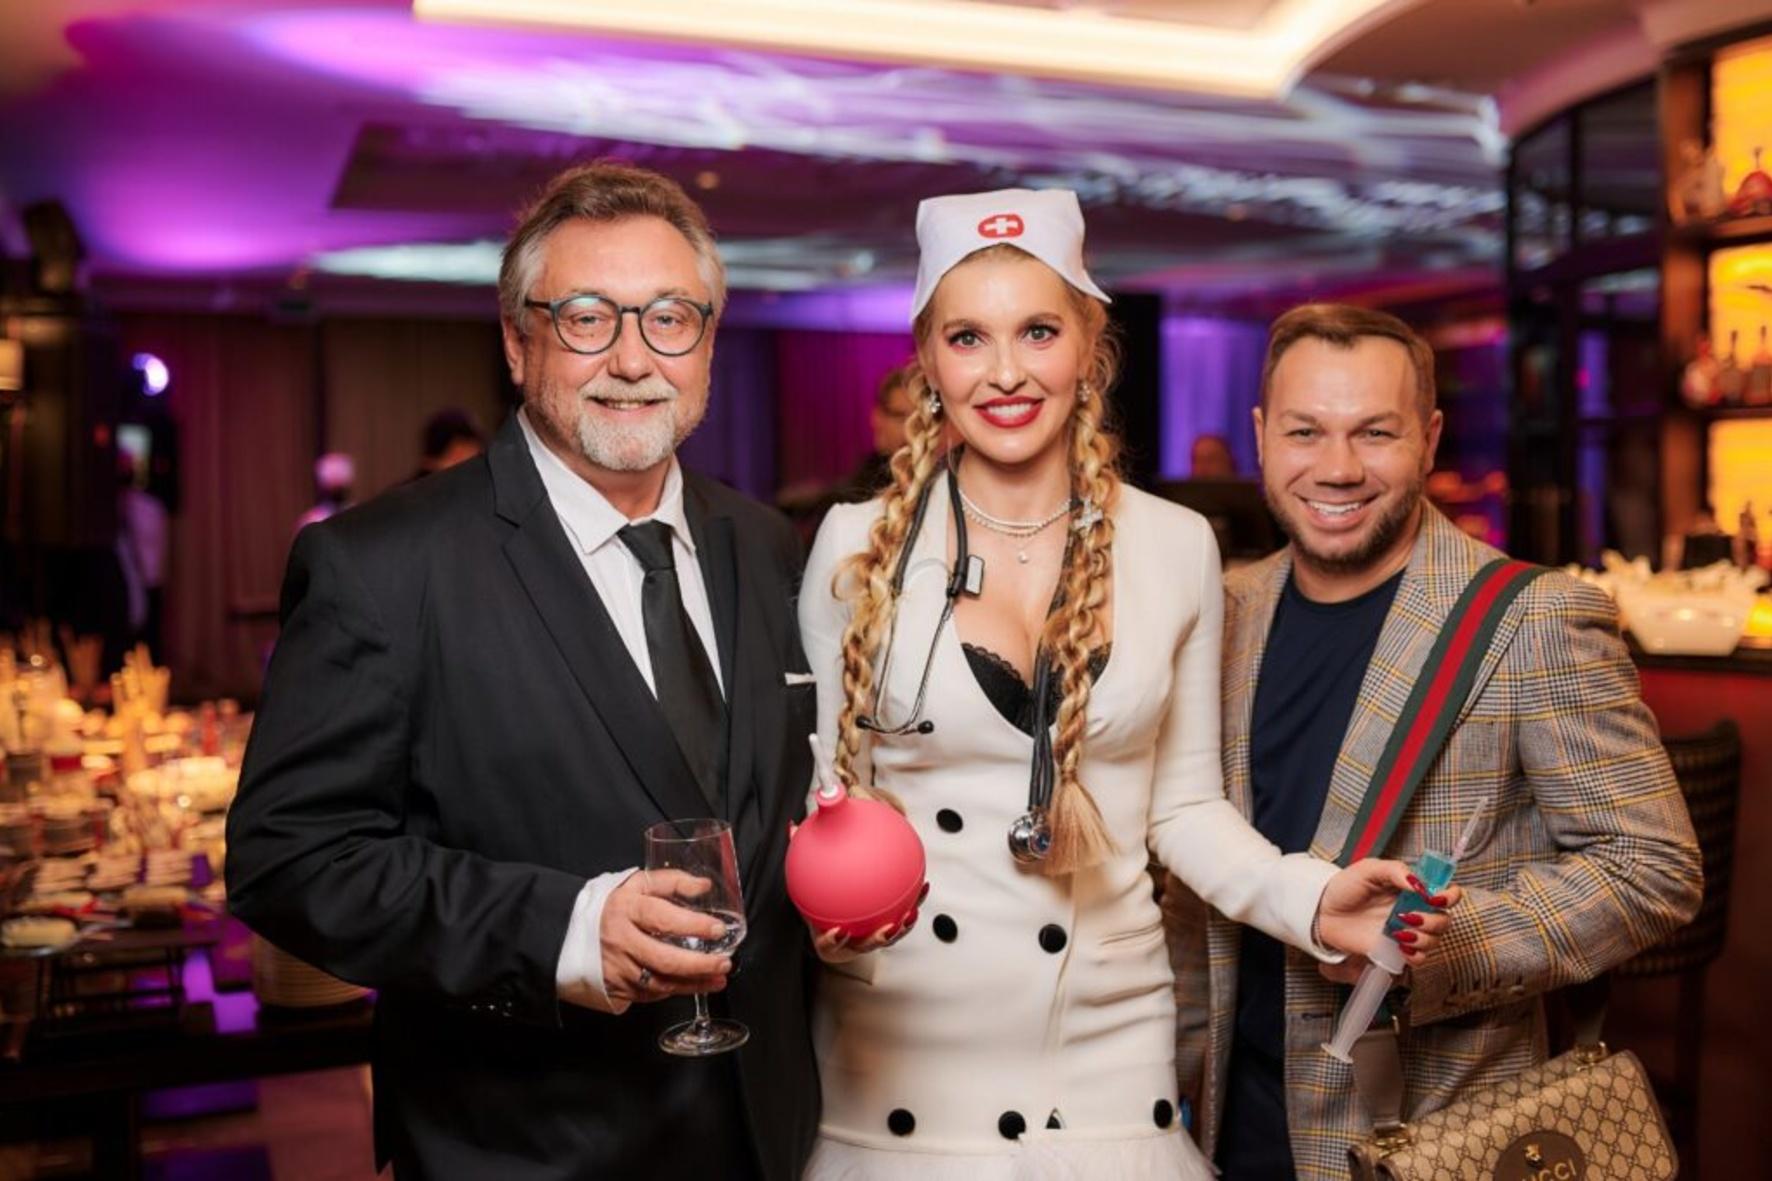 Анна Буткевич вакцинировала шоу-бизнес в честь своего дня рождения